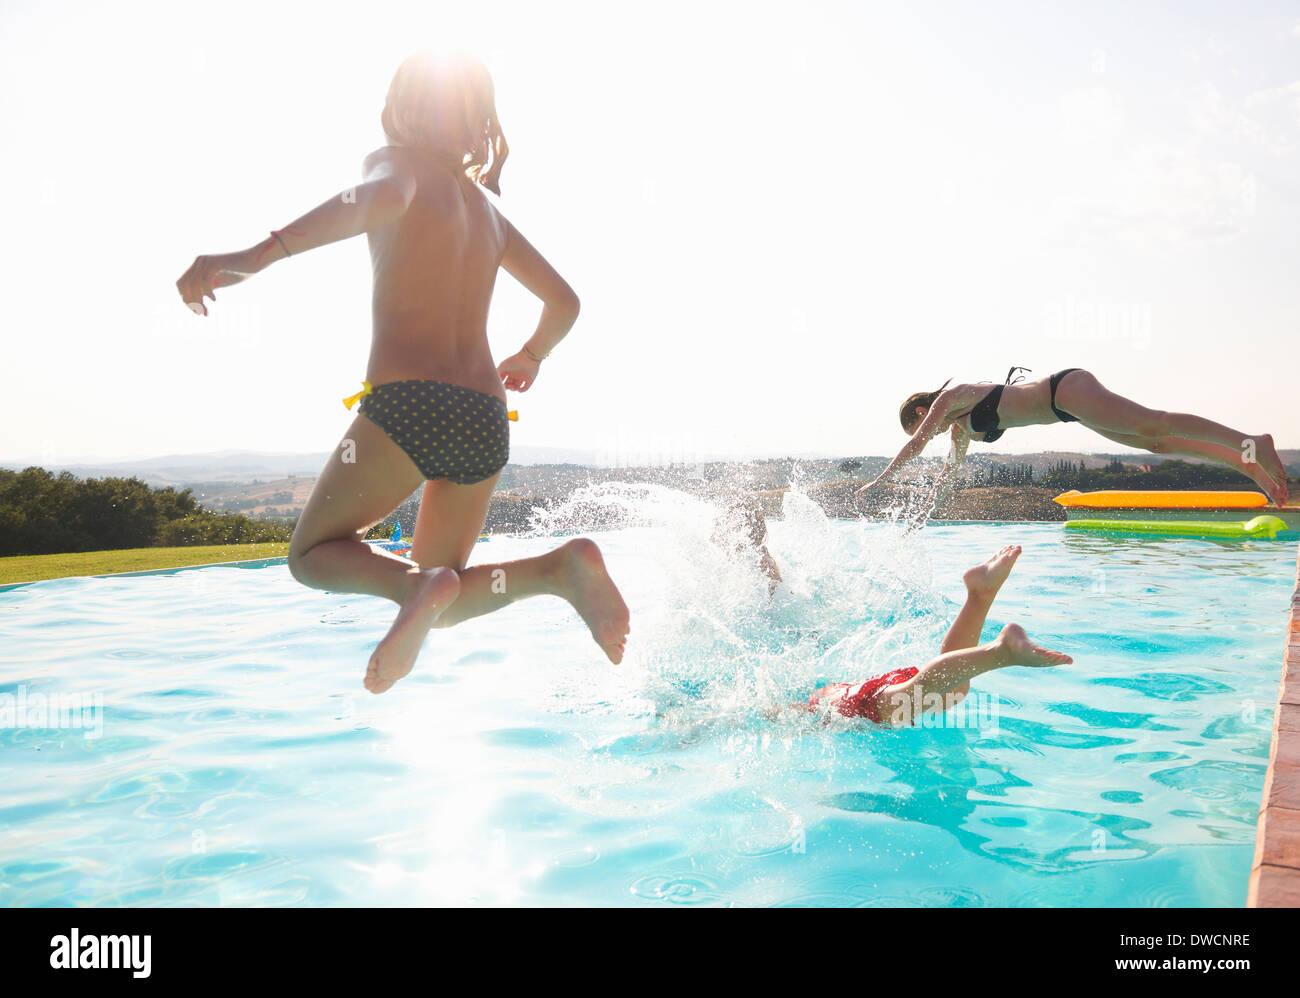 Tres personas saltando en la piscina Imagen De Stock